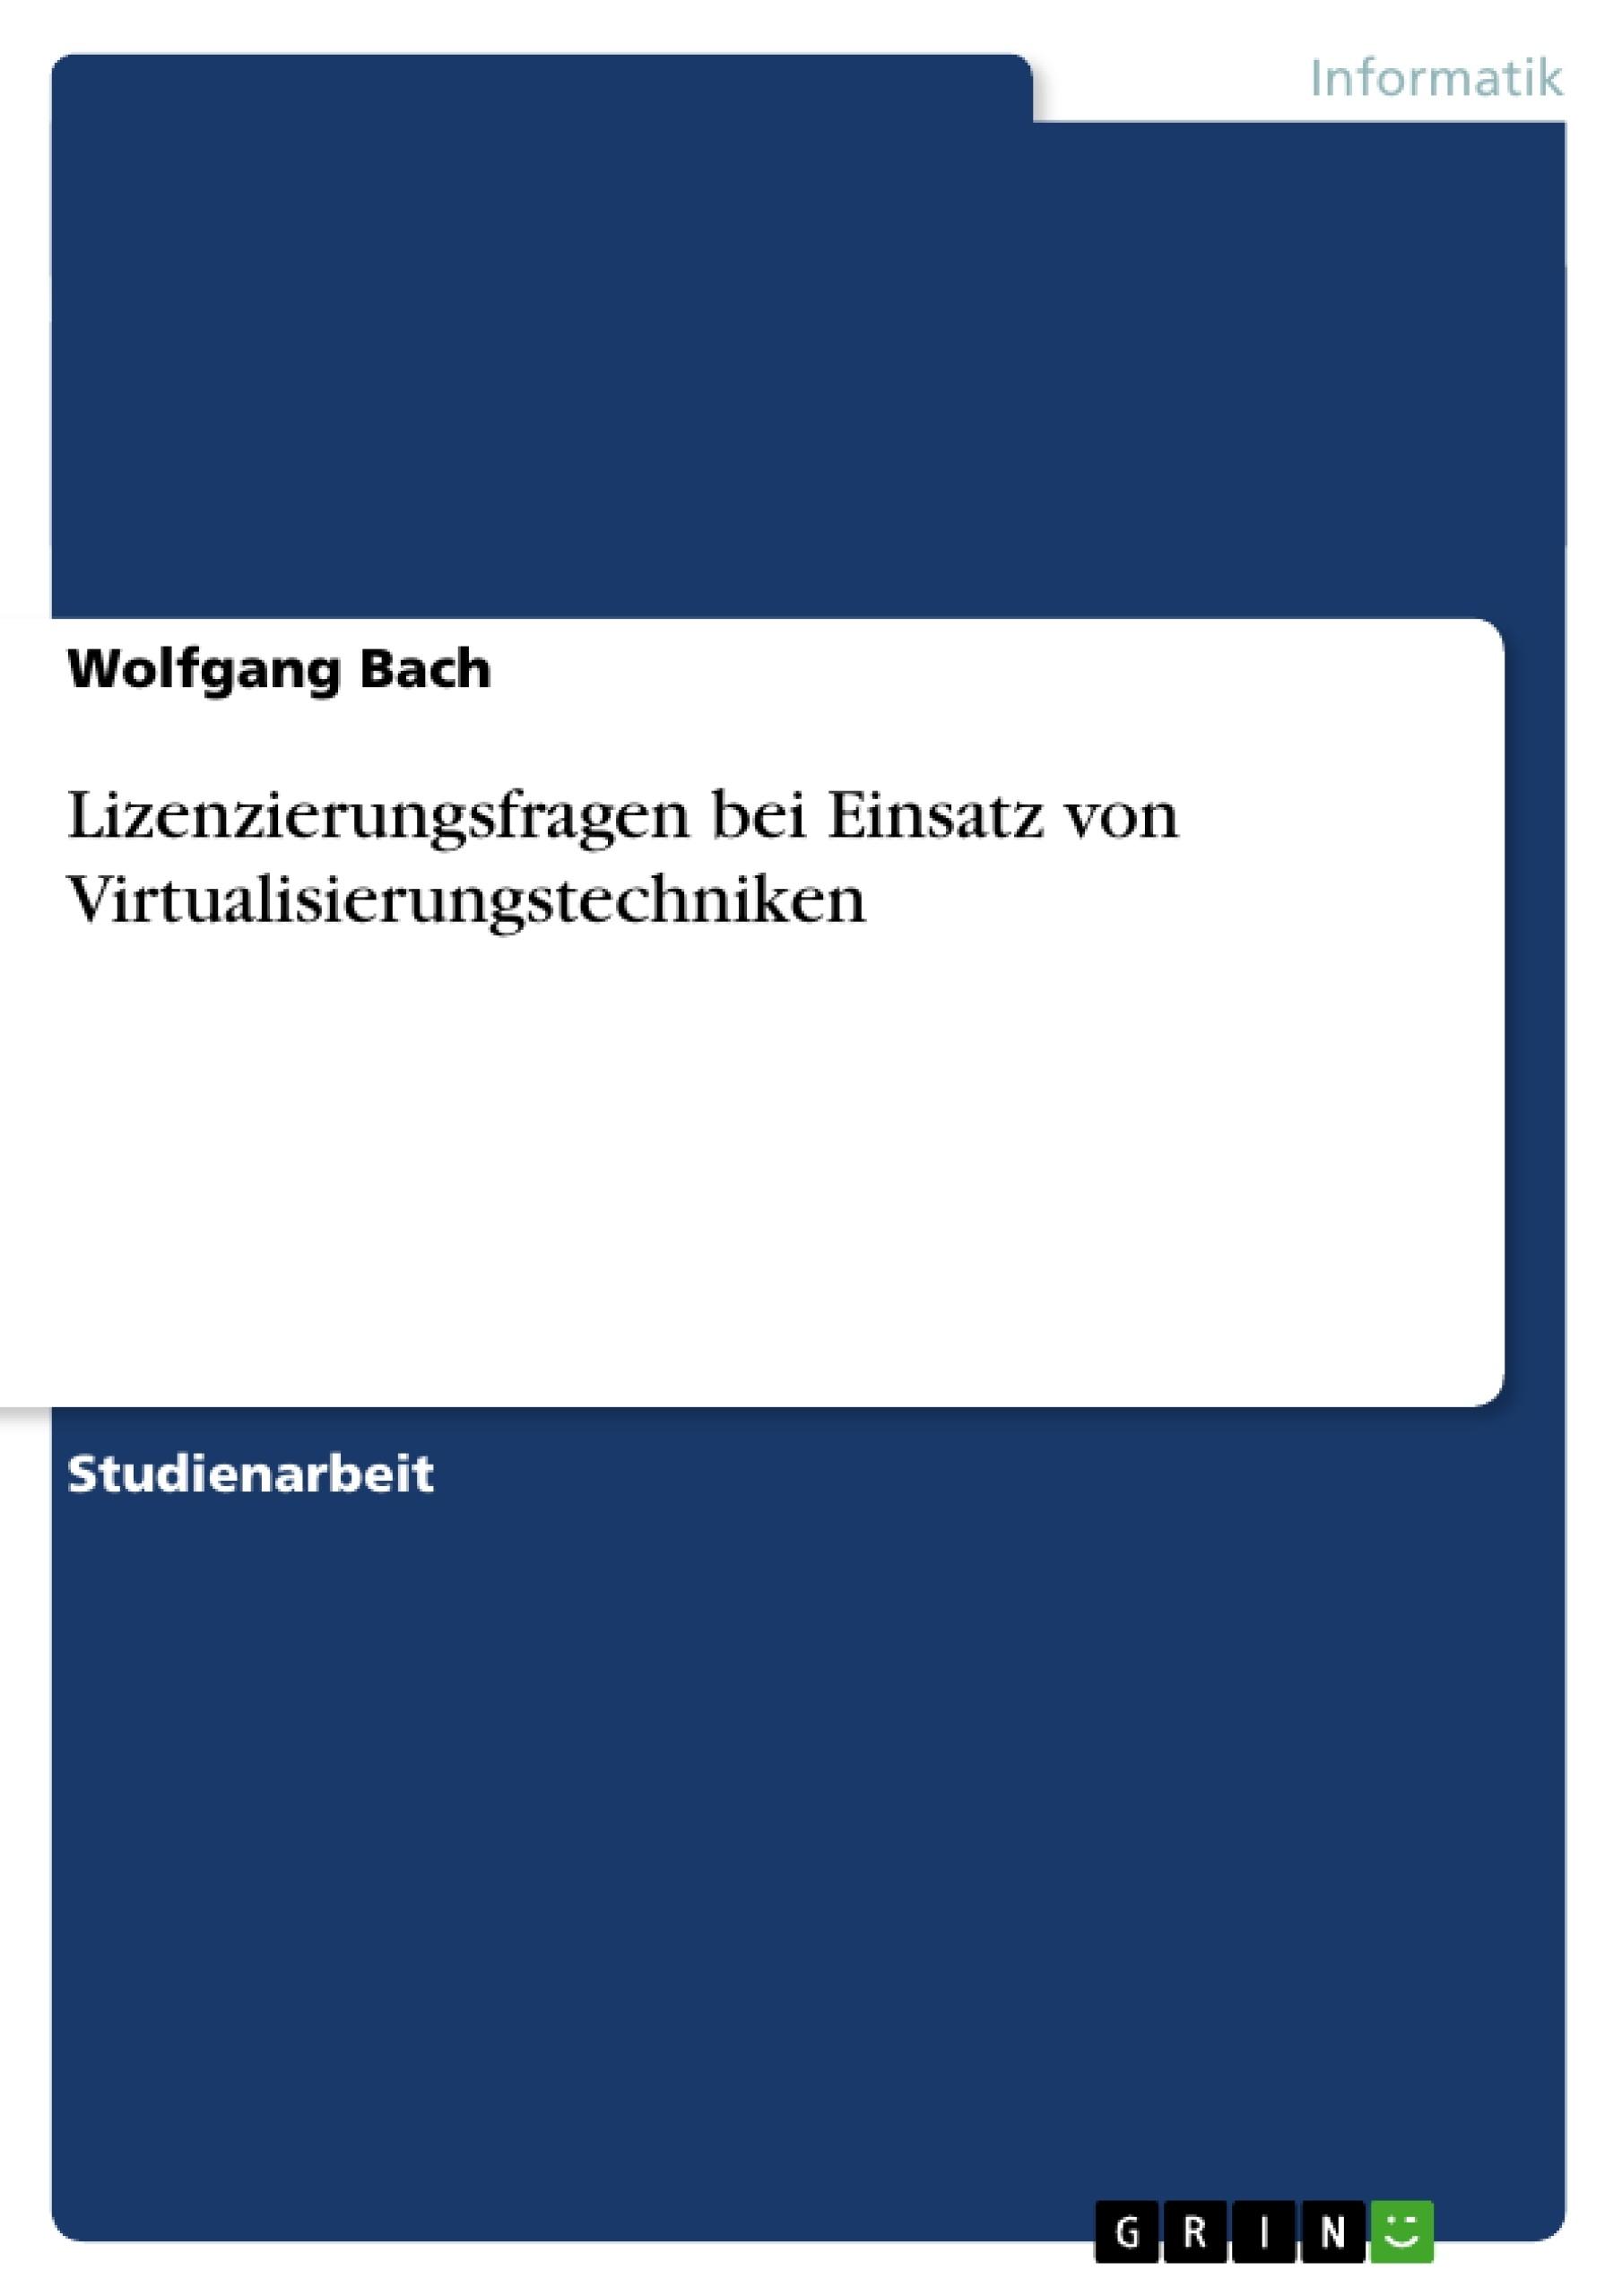 Titel: Lizenzierungsfragen bei Einsatz von Virtualisierungstechniken